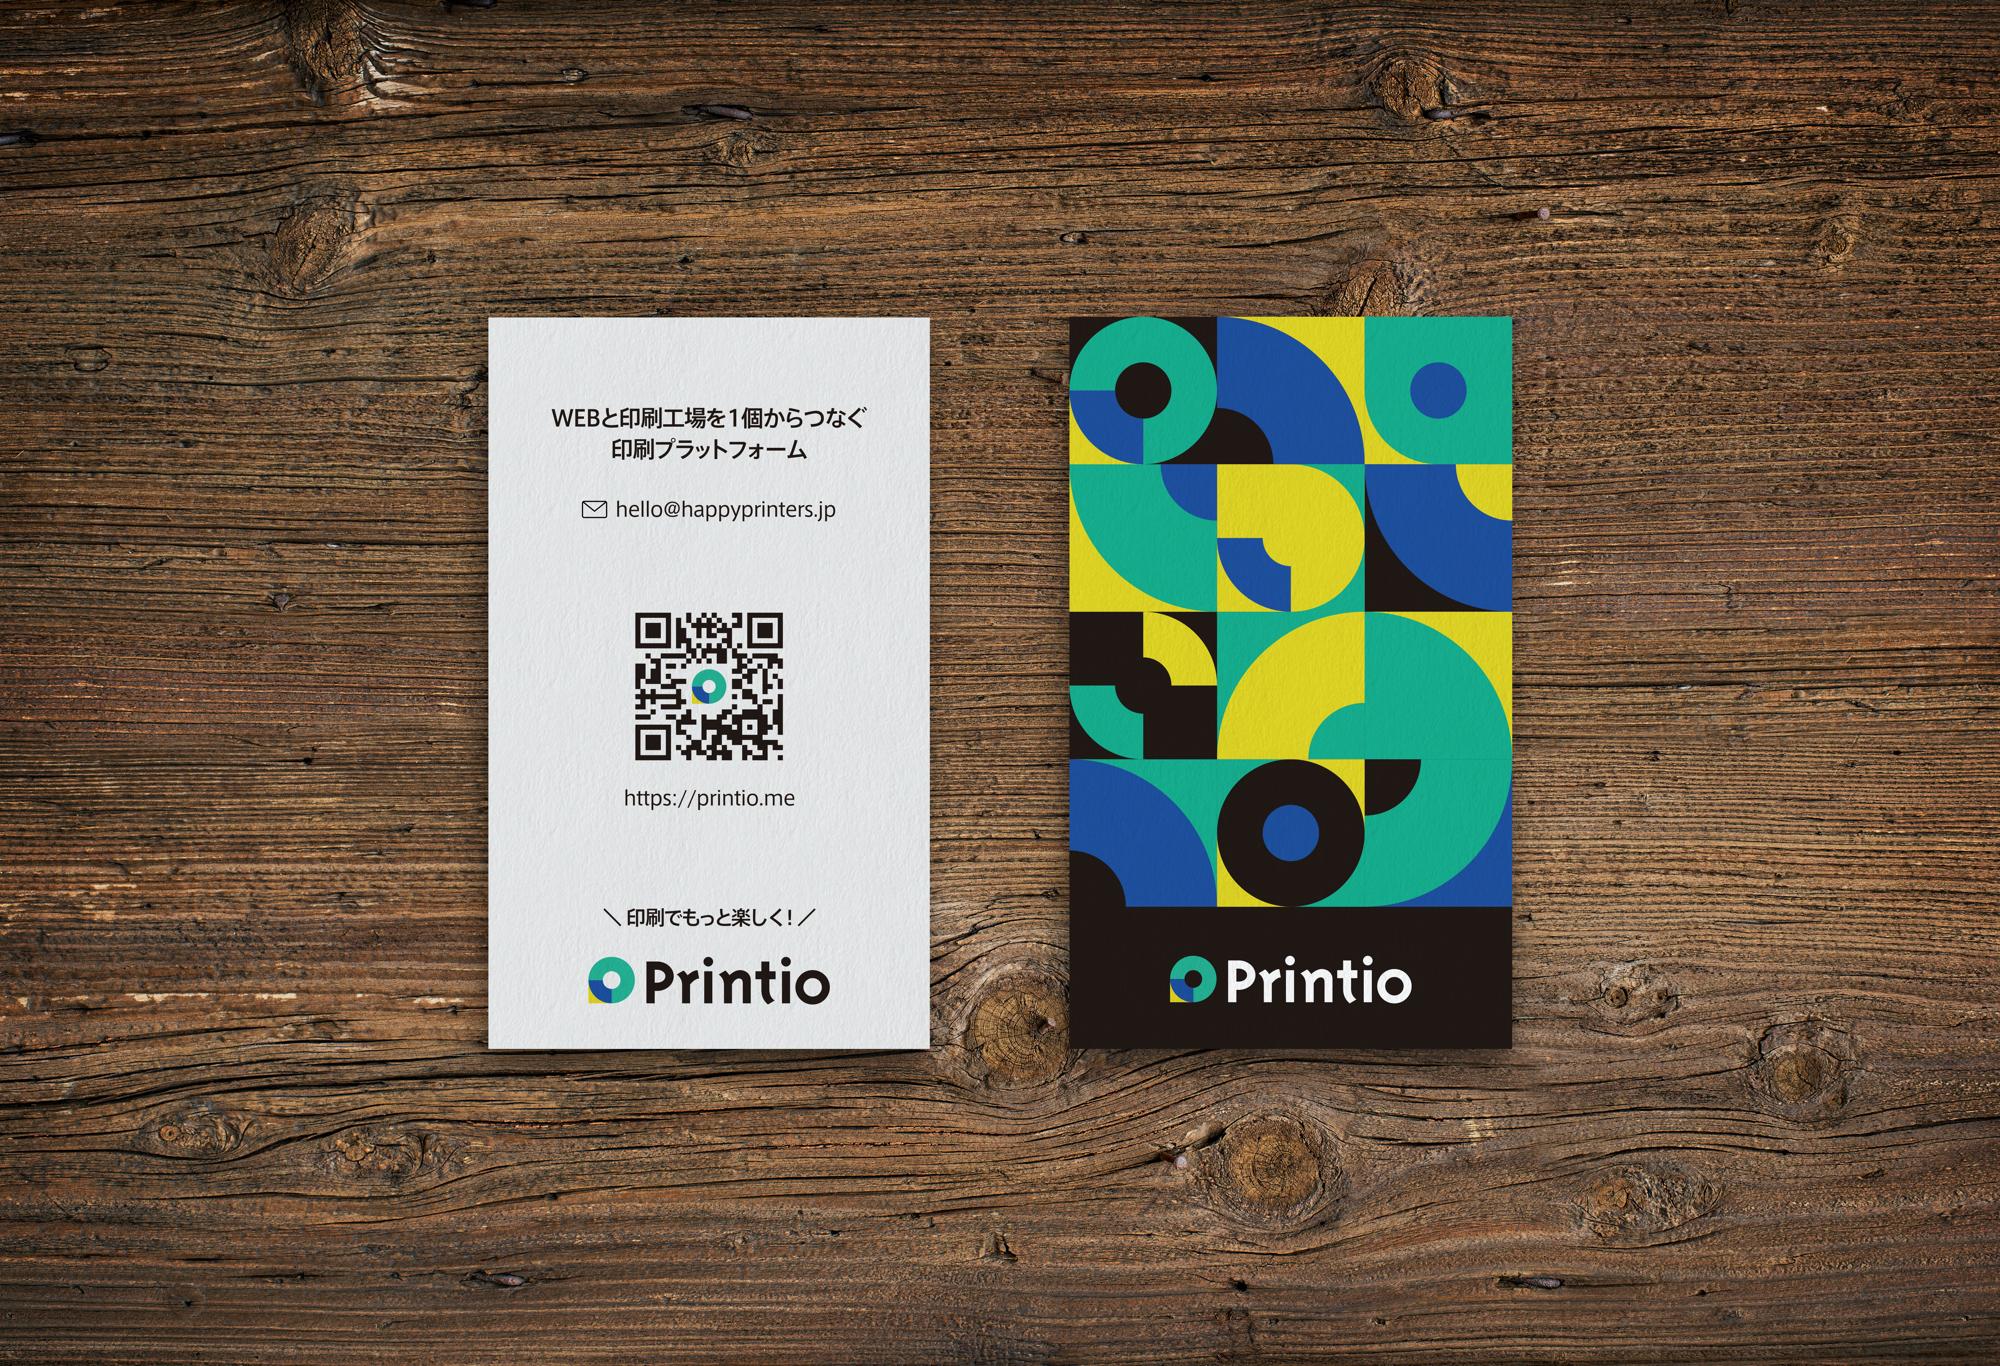 Printio3